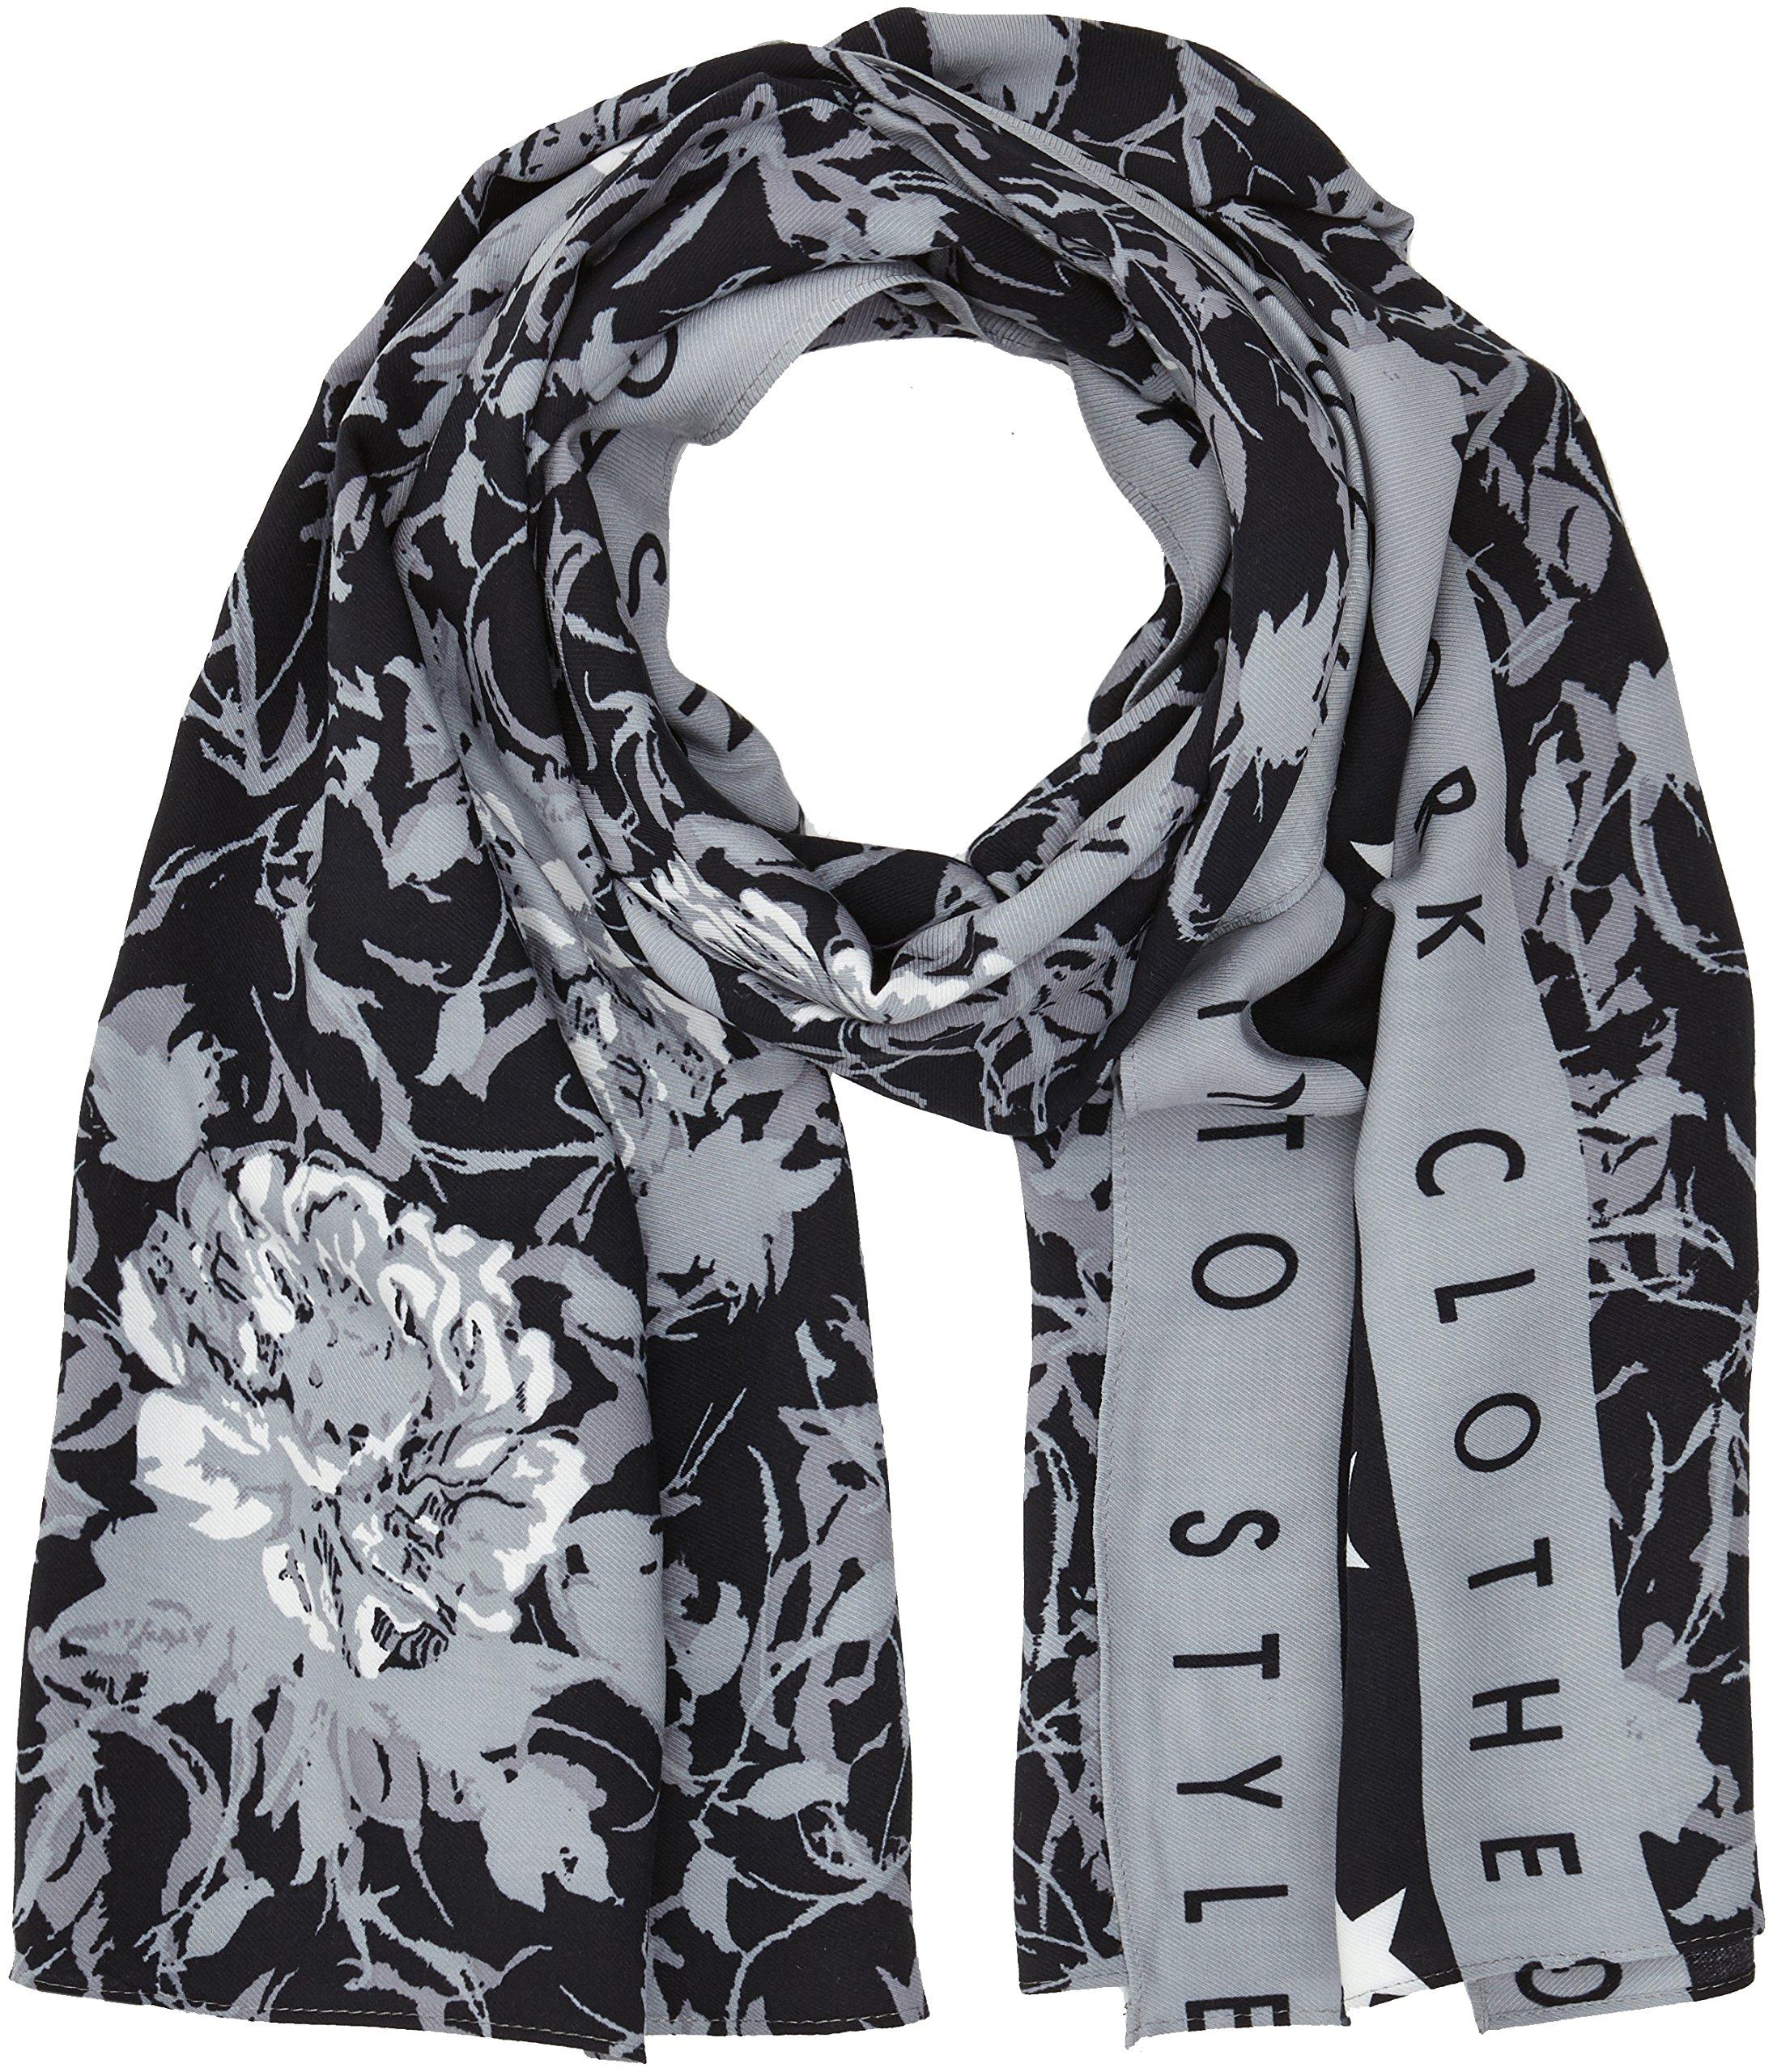 Guess Bufanda, Multicolore (Grey/Black Floral), Talla única para Hombre